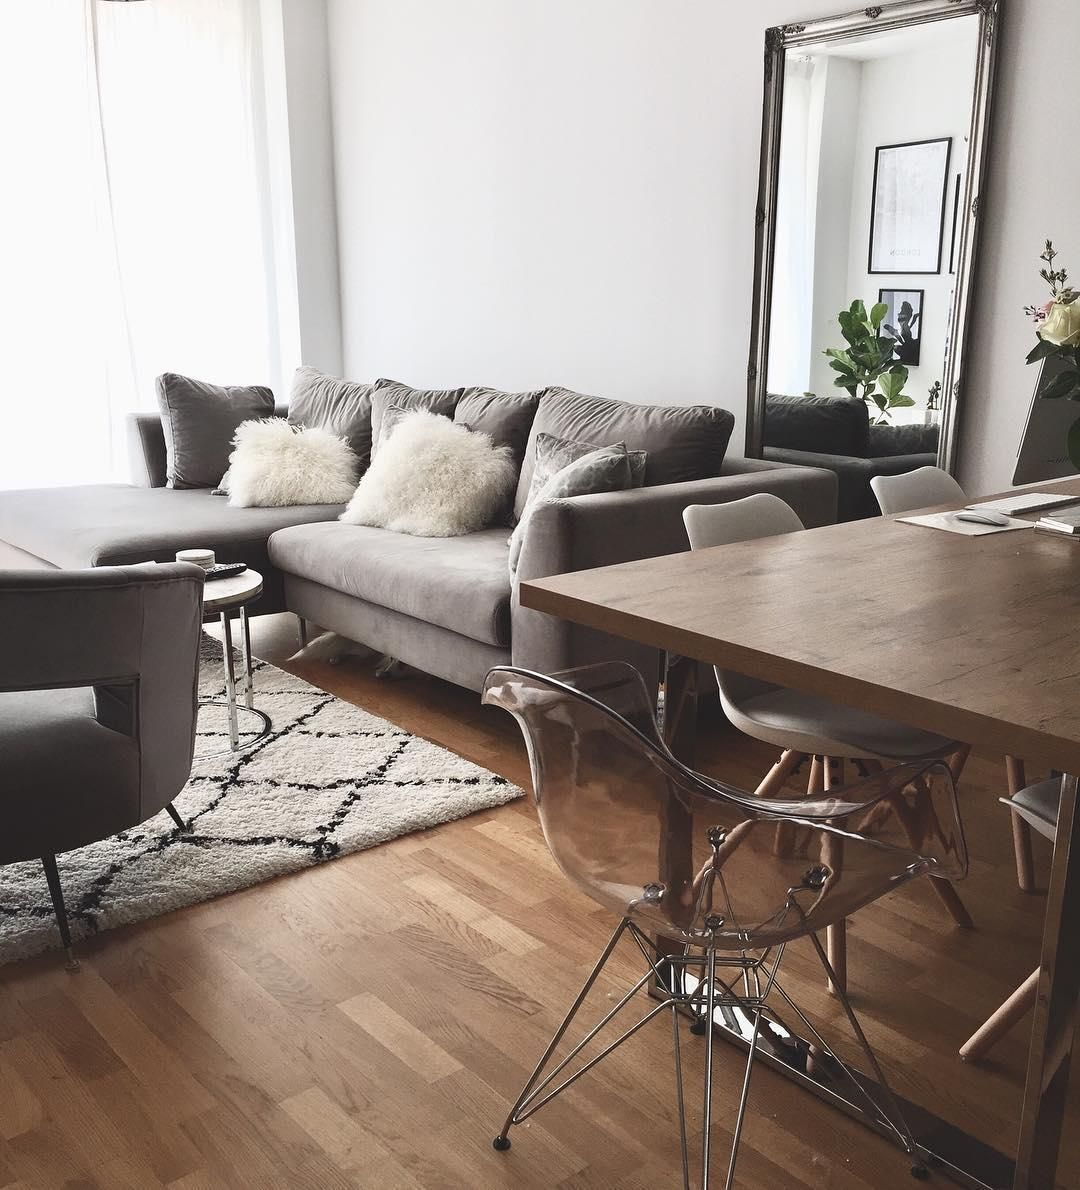 Wohnzimmerfliesen 2018 handgetufteter teppich naima in   wohnzimmer  pinterest